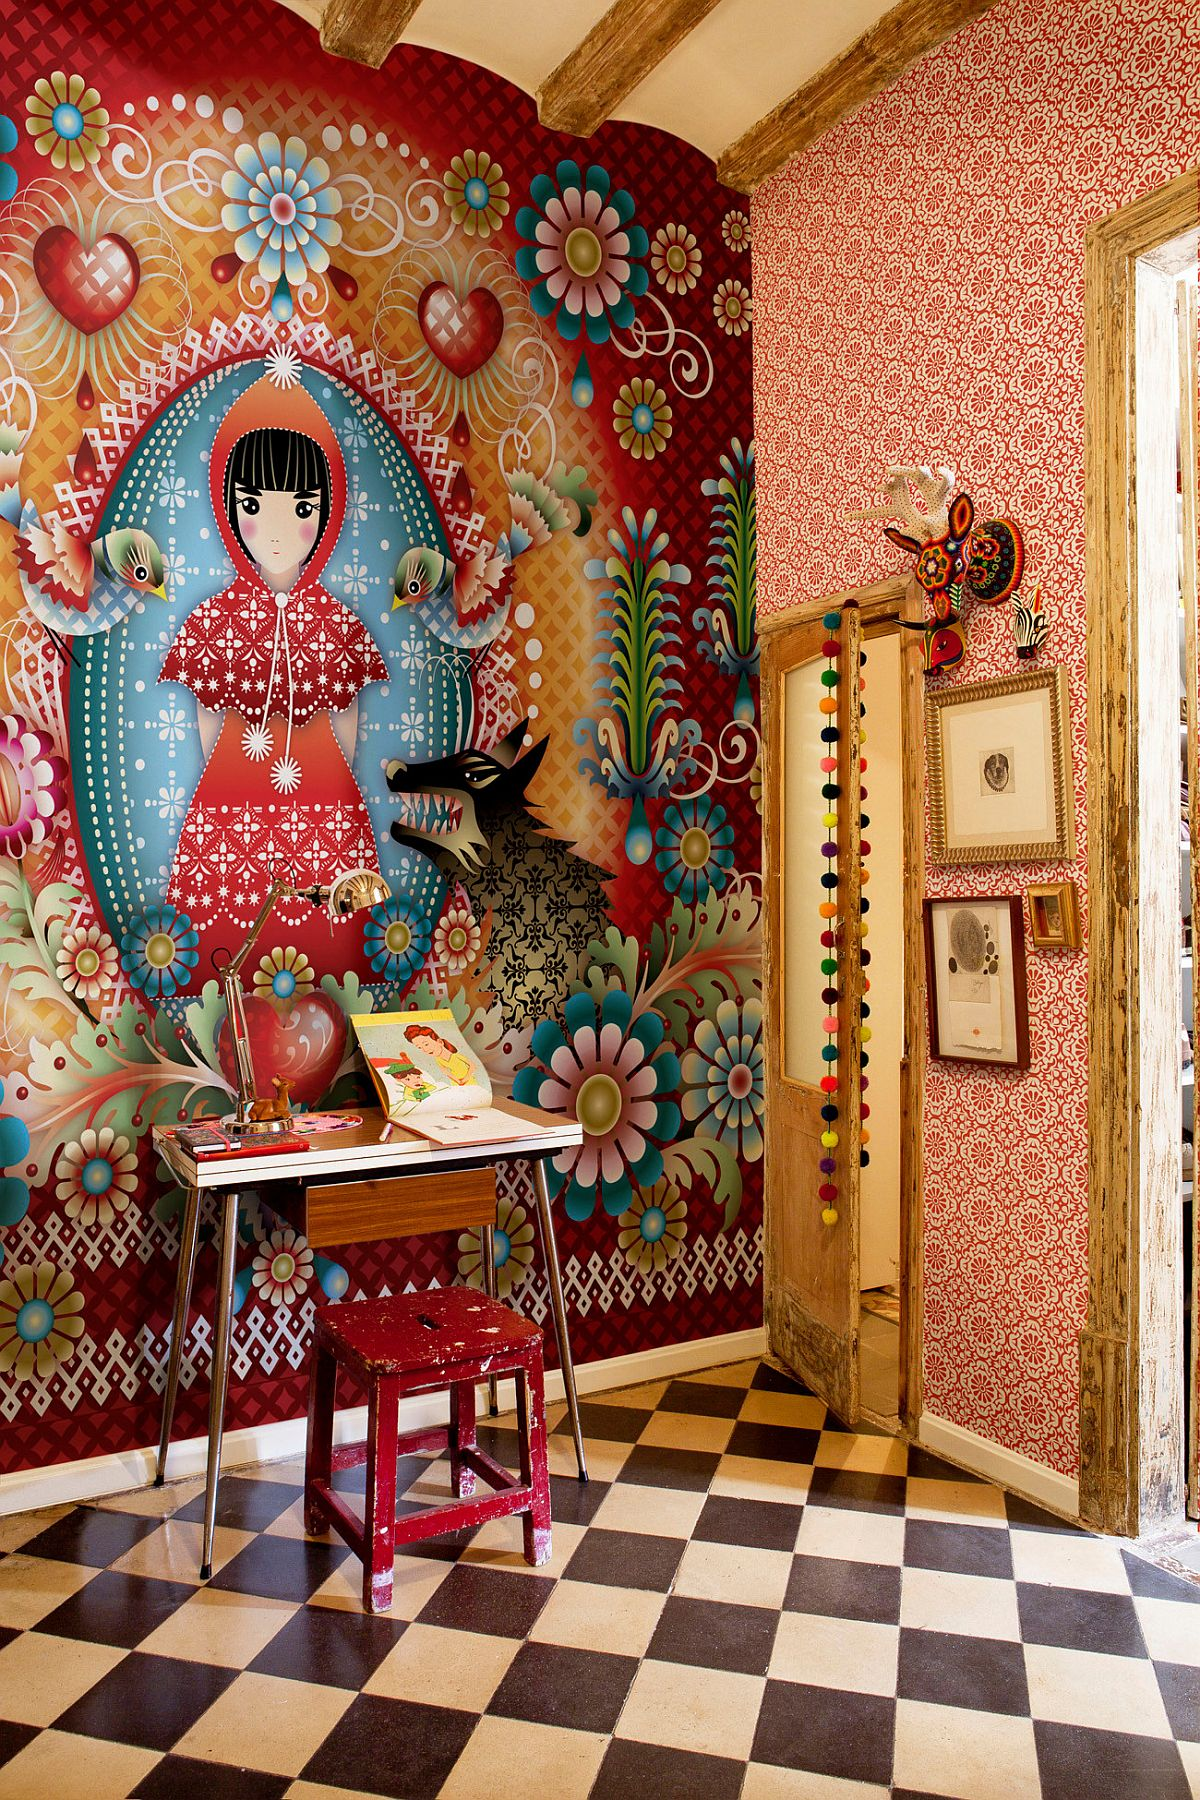 Phòng làm việc nhỏ tại nhà với phong cách chiết trung đầy màu sắc - Ảnh 1.